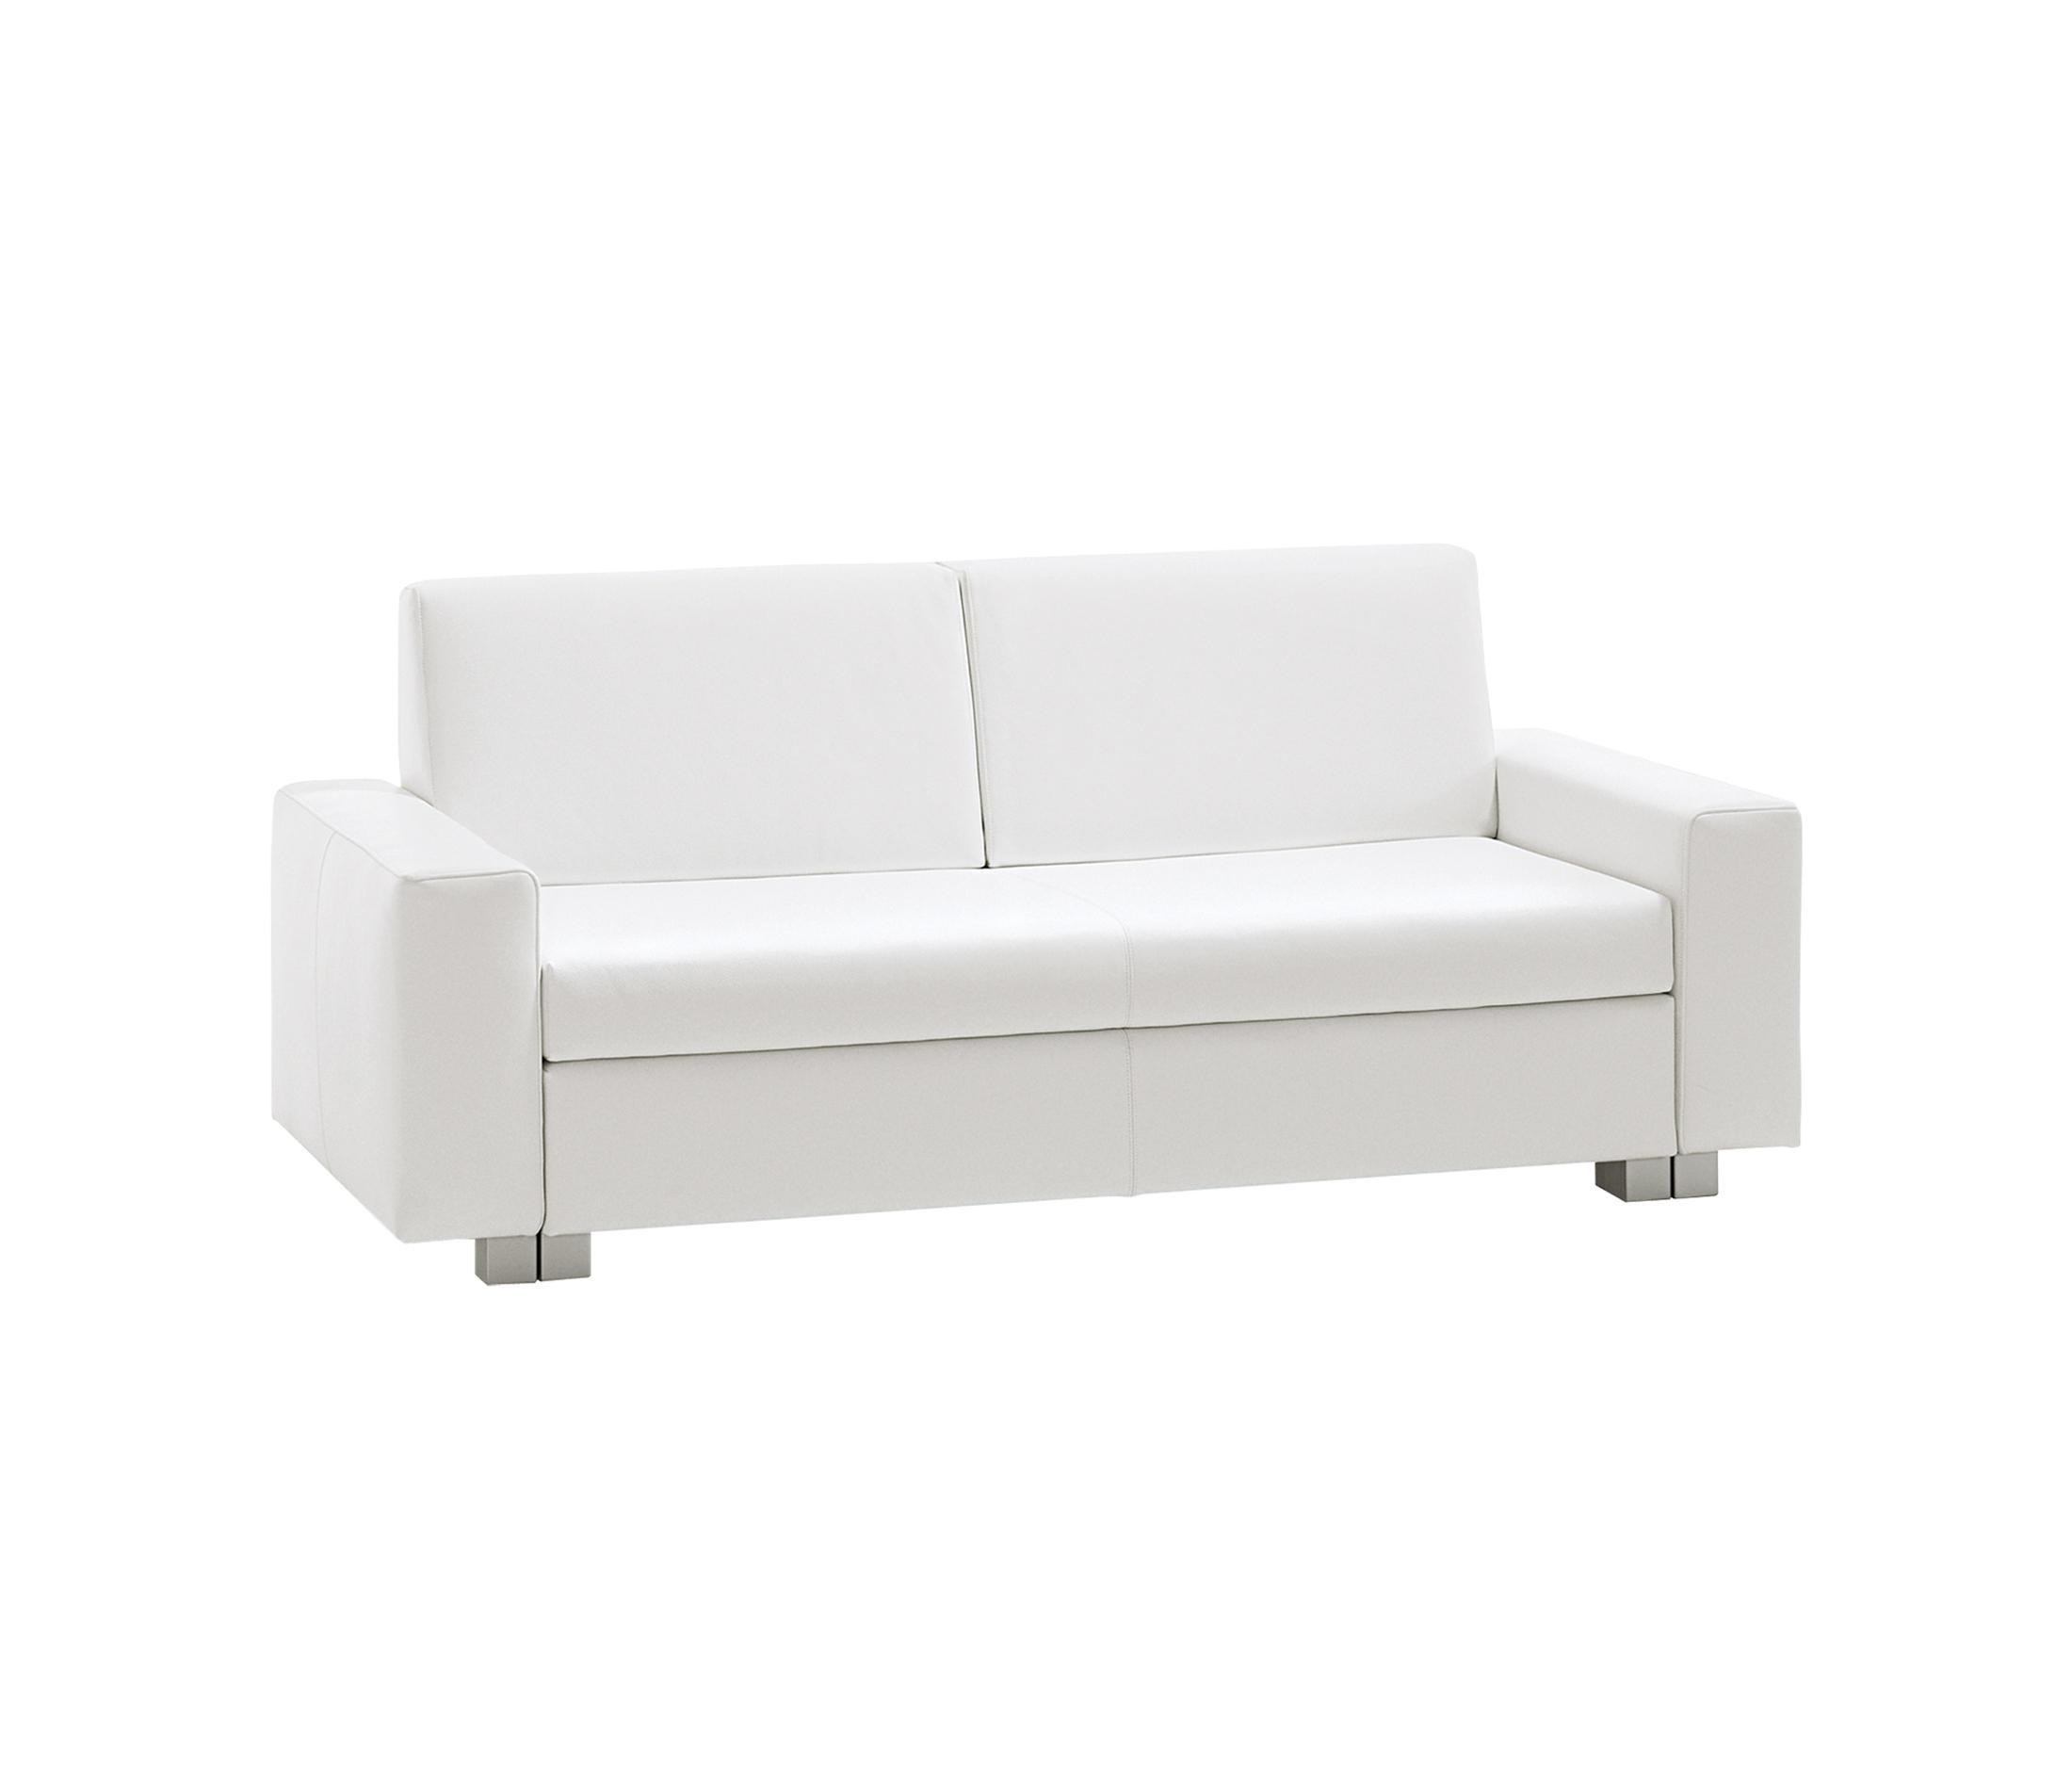 minnie bettsofa schlafsofas von die collection architonic. Black Bedroom Furniture Sets. Home Design Ideas